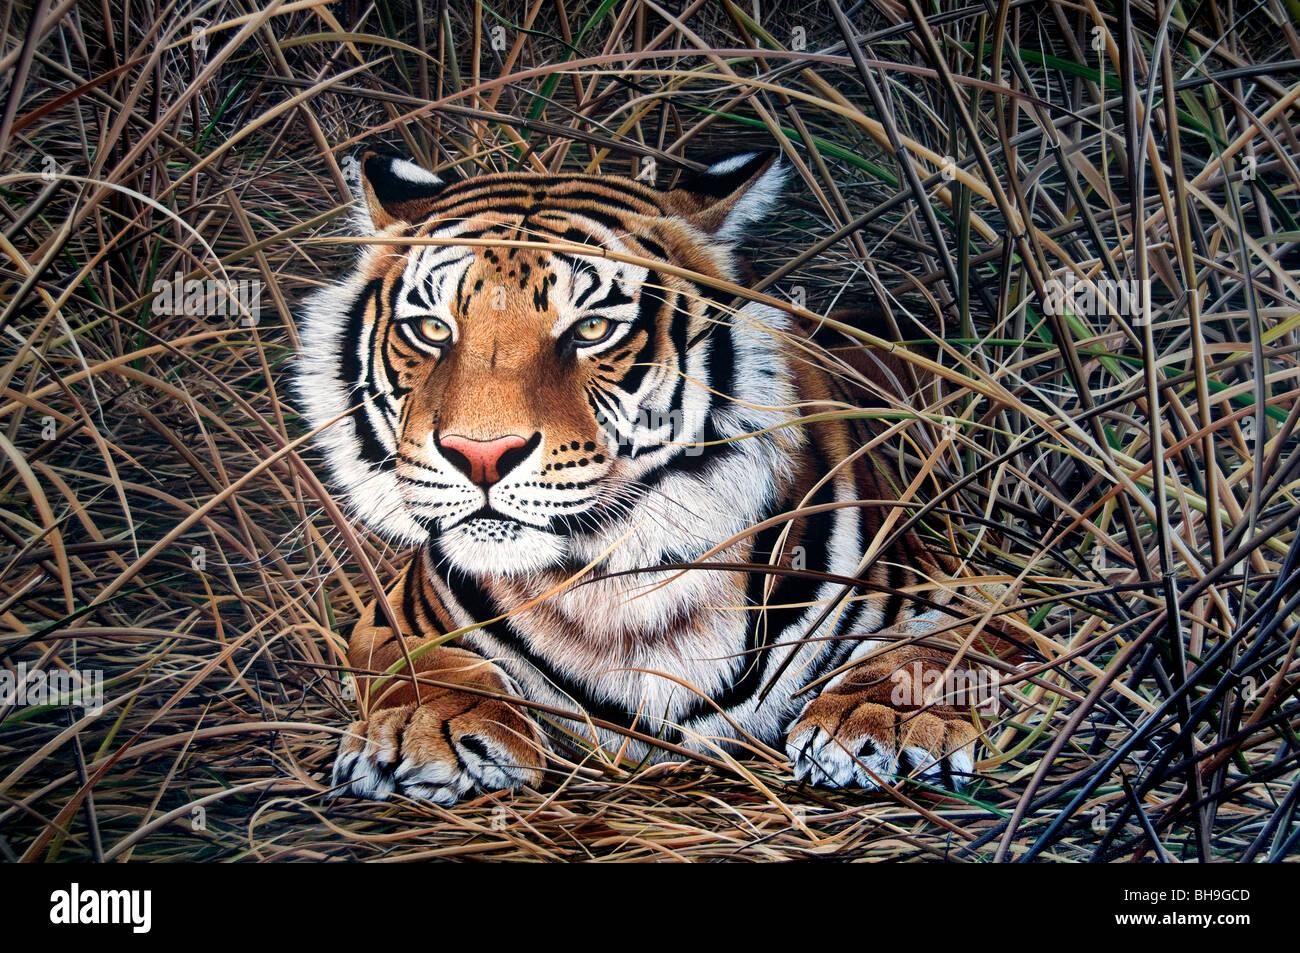 Tigre Buenos Aires San Telmo Arte Galería de pintura del artista Ciudad Argentina Imagen De Stock